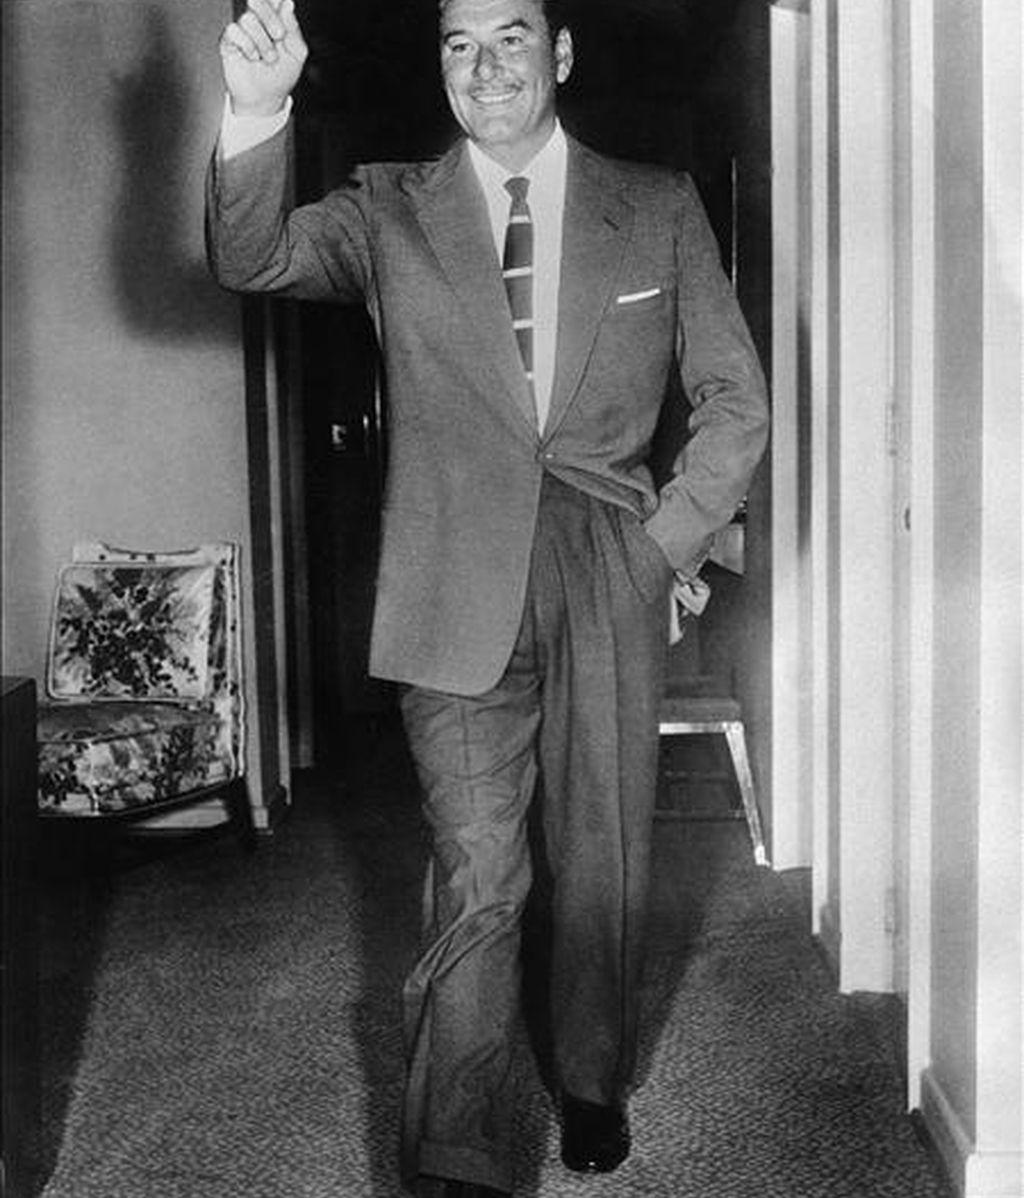 """En la foto de archivo (1958), el actor australiano Errol Flynn, que conquistó la fama gracias a su participación en películas como """"El capitán Blood"""" (1935), """"La carga de la brigada ligera"""" (1936) o """"Robin de los bosques"""" (1938). Los ecos de las espadas que empuñó y las juergas que se corrió Errol Flynn, el gran dandi seductor de la época dorada de Hollywood, tan atractivo como mujeriego, aún resuenan en la meca del cine cuando se cumplen mañana cien años de su nacimiento. EFE/Archivo"""